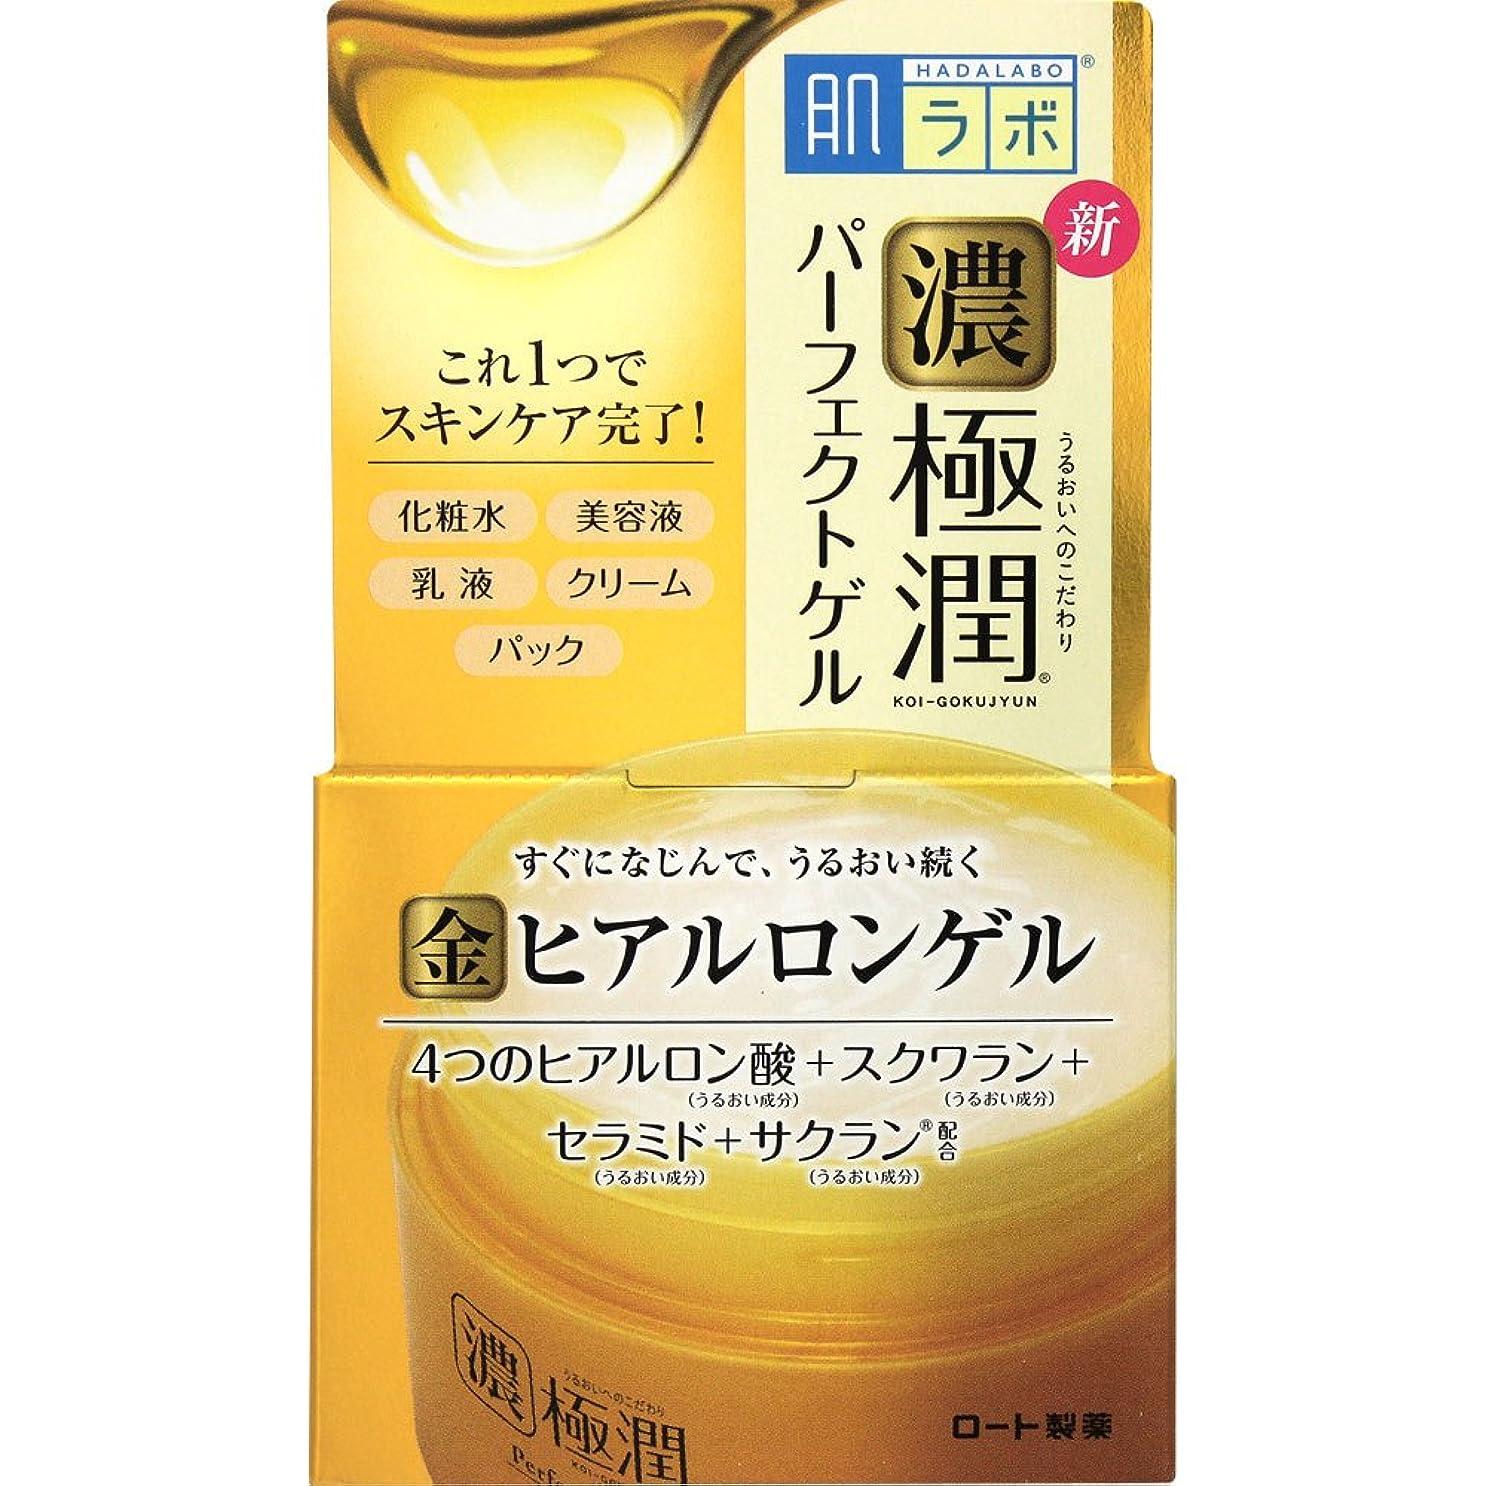 速記汚すバッフル肌ラボ 濃い極潤 オールインワン パーフェクトゲル ヒアルロン酸×スクワラン×セラミド×サクラン配合 100g